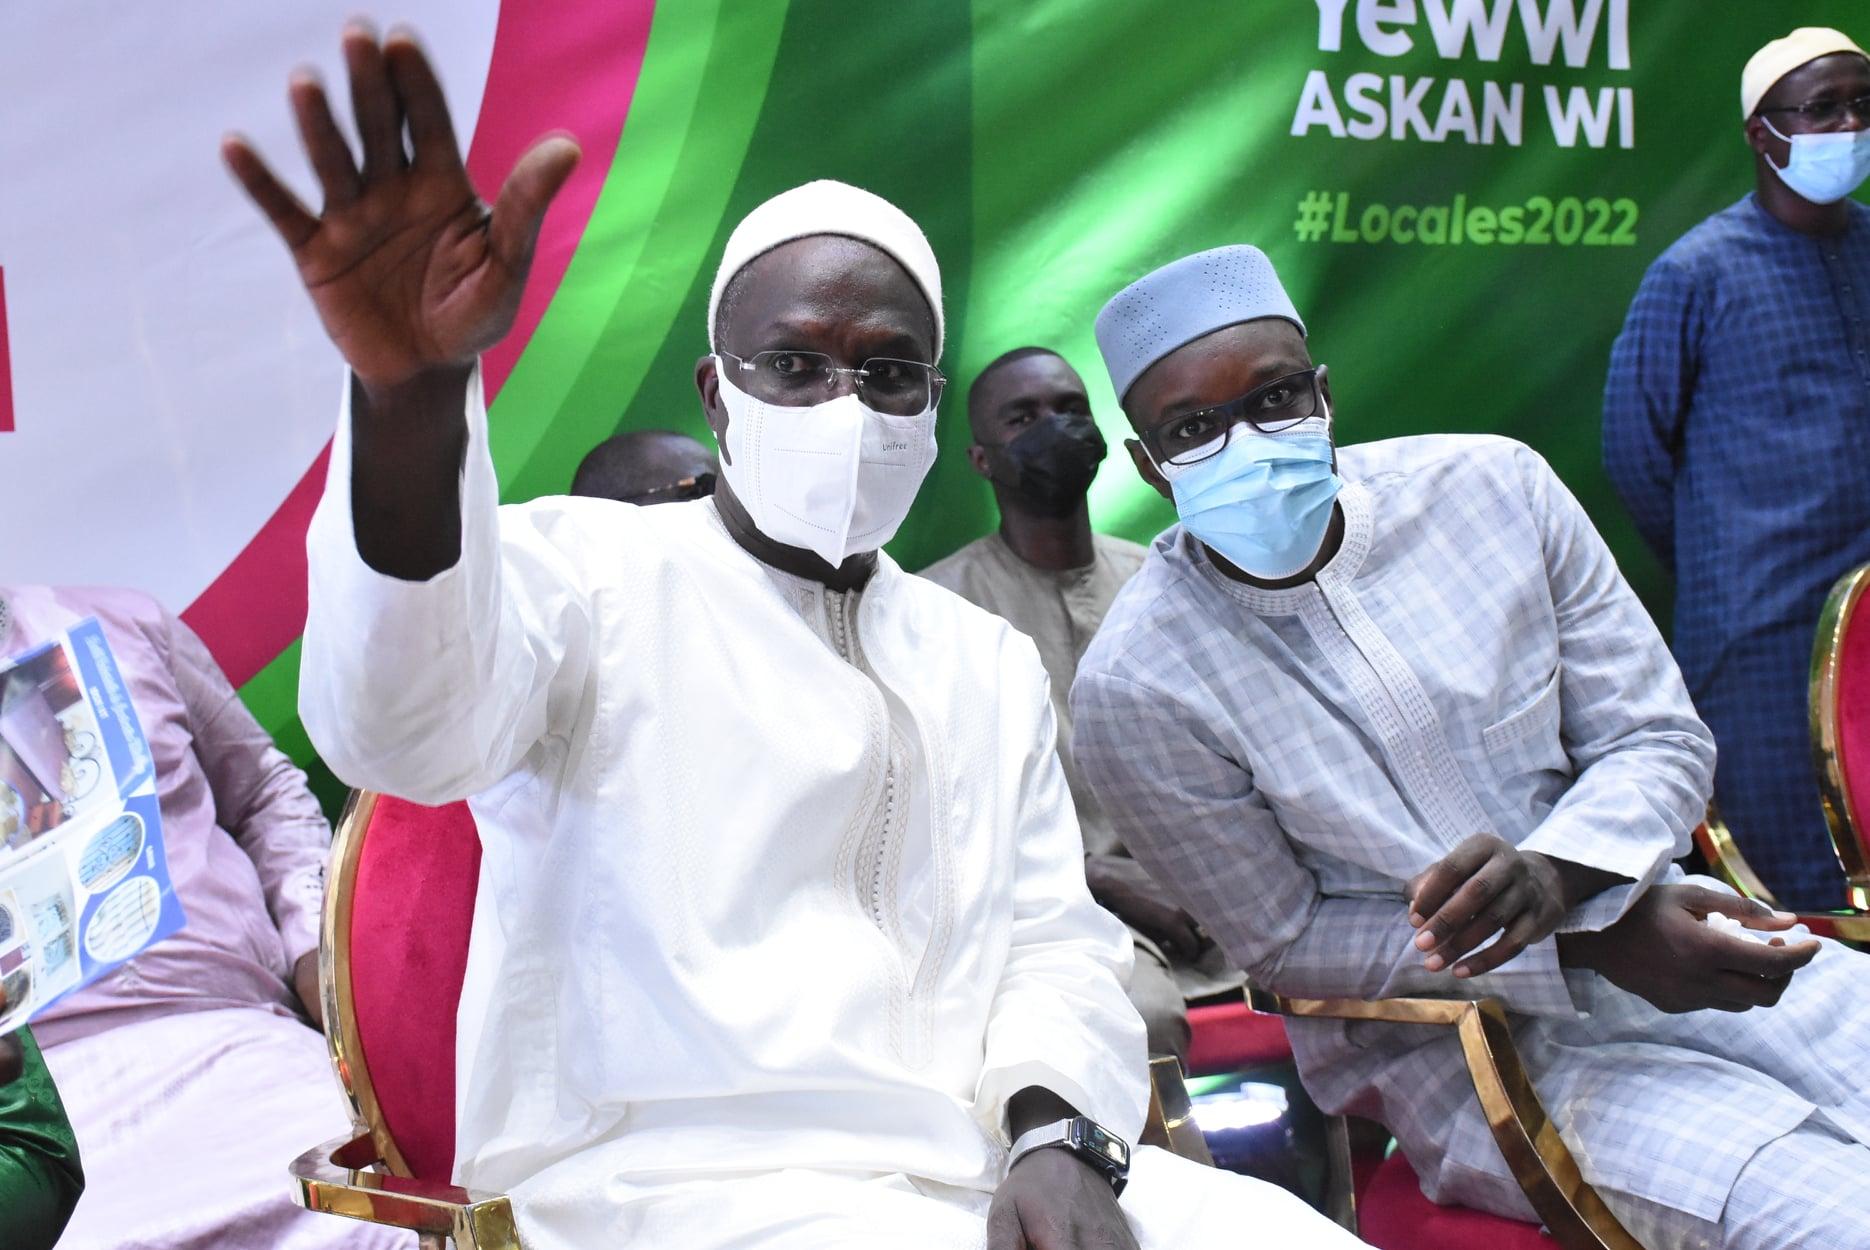 Grande coalition de l'opposition: la charte qui lie désormais Sonko, Khalifa et Cie